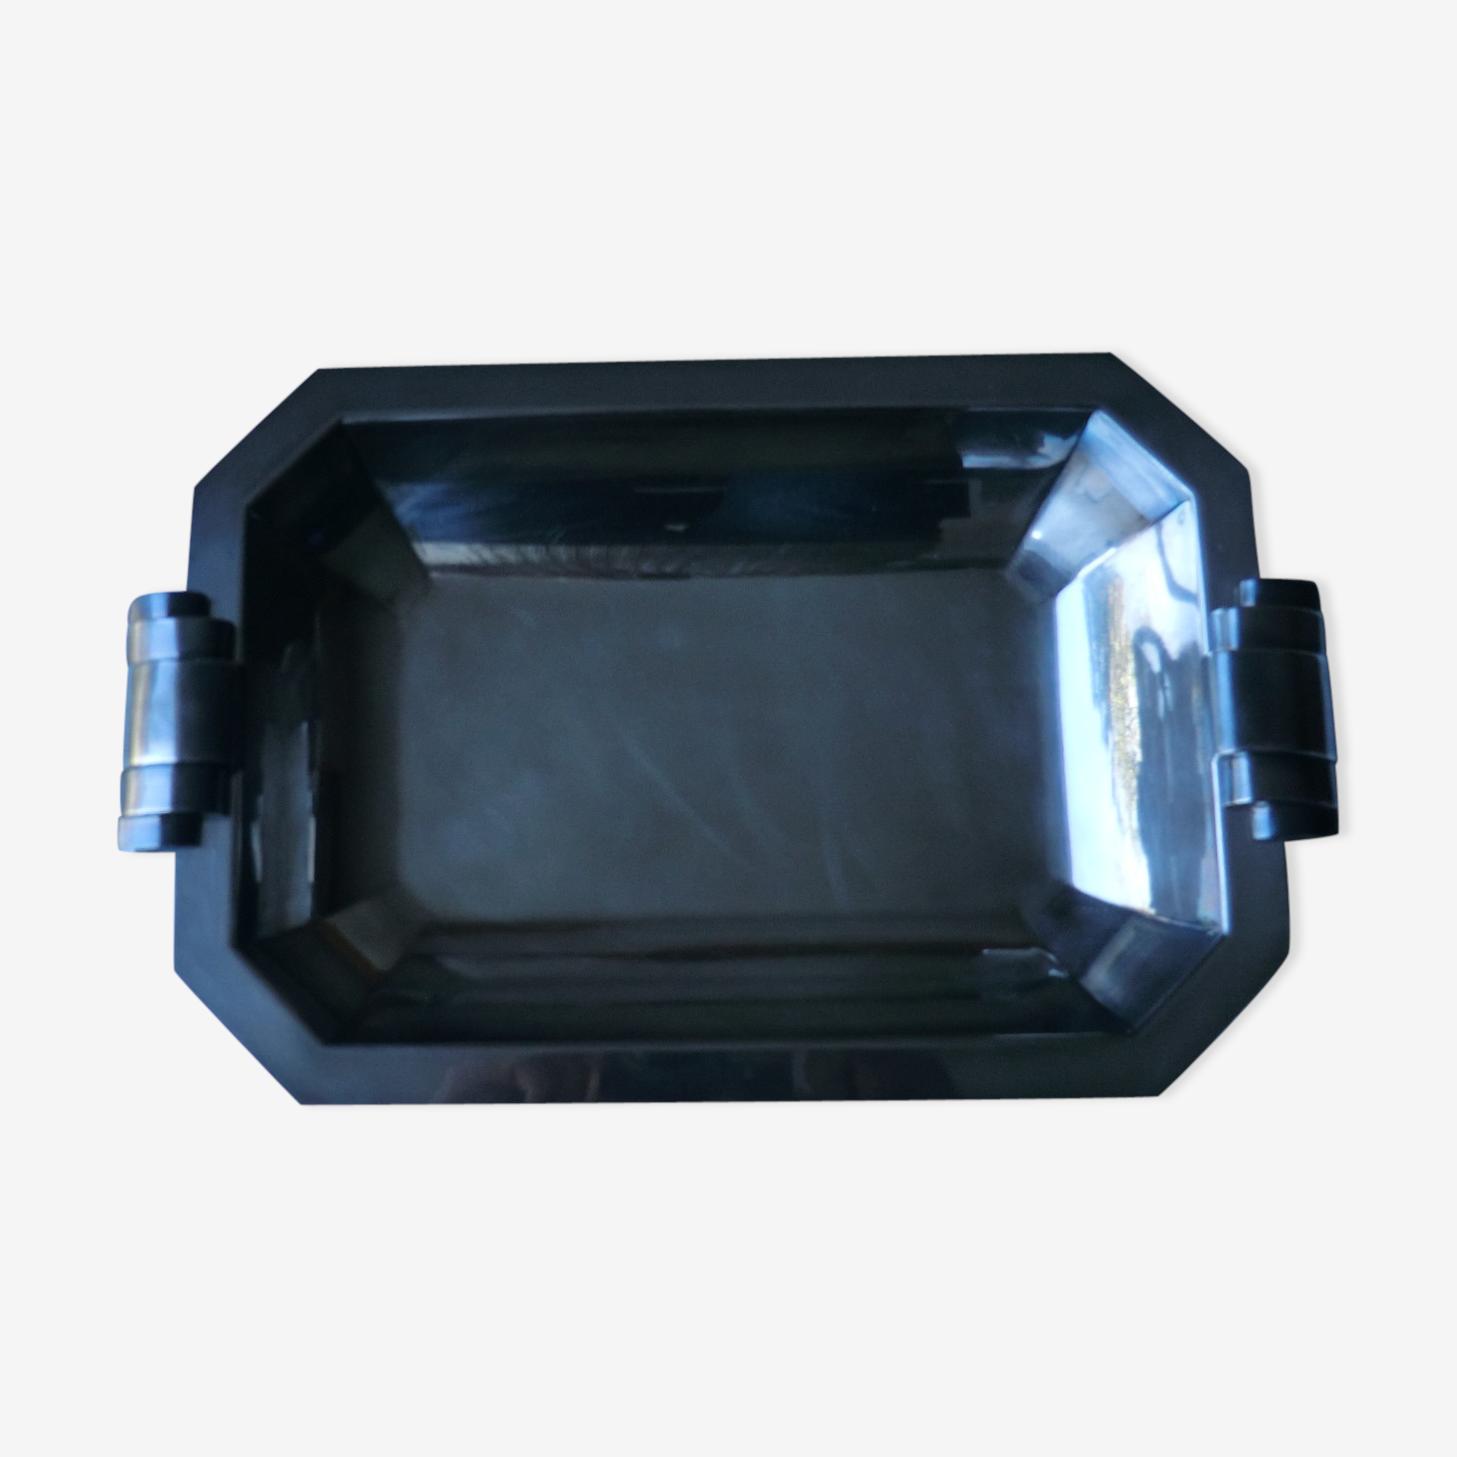 Hollow rectangular dish